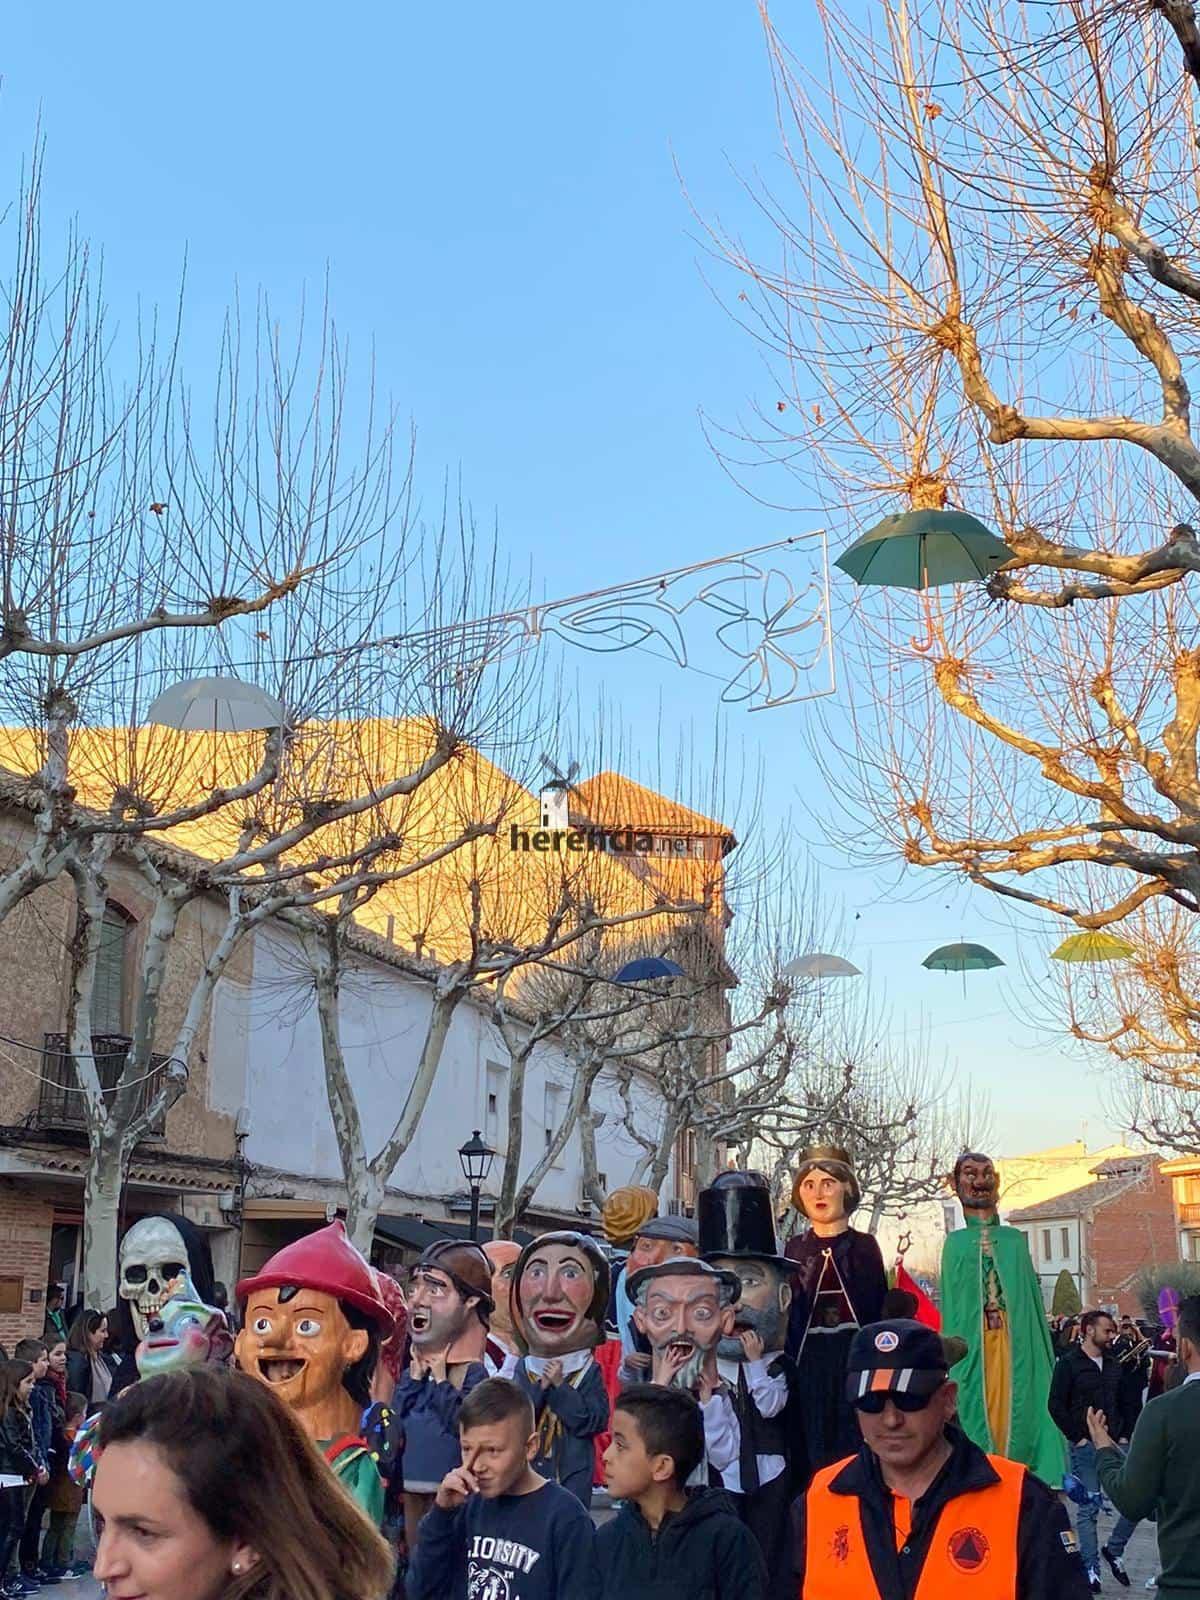 Carnaval herencia 2020 pasacalles domingo deseosas 42 - El Domingo de las Deseosas invita a todo el mundo al Carnaval de Herencia